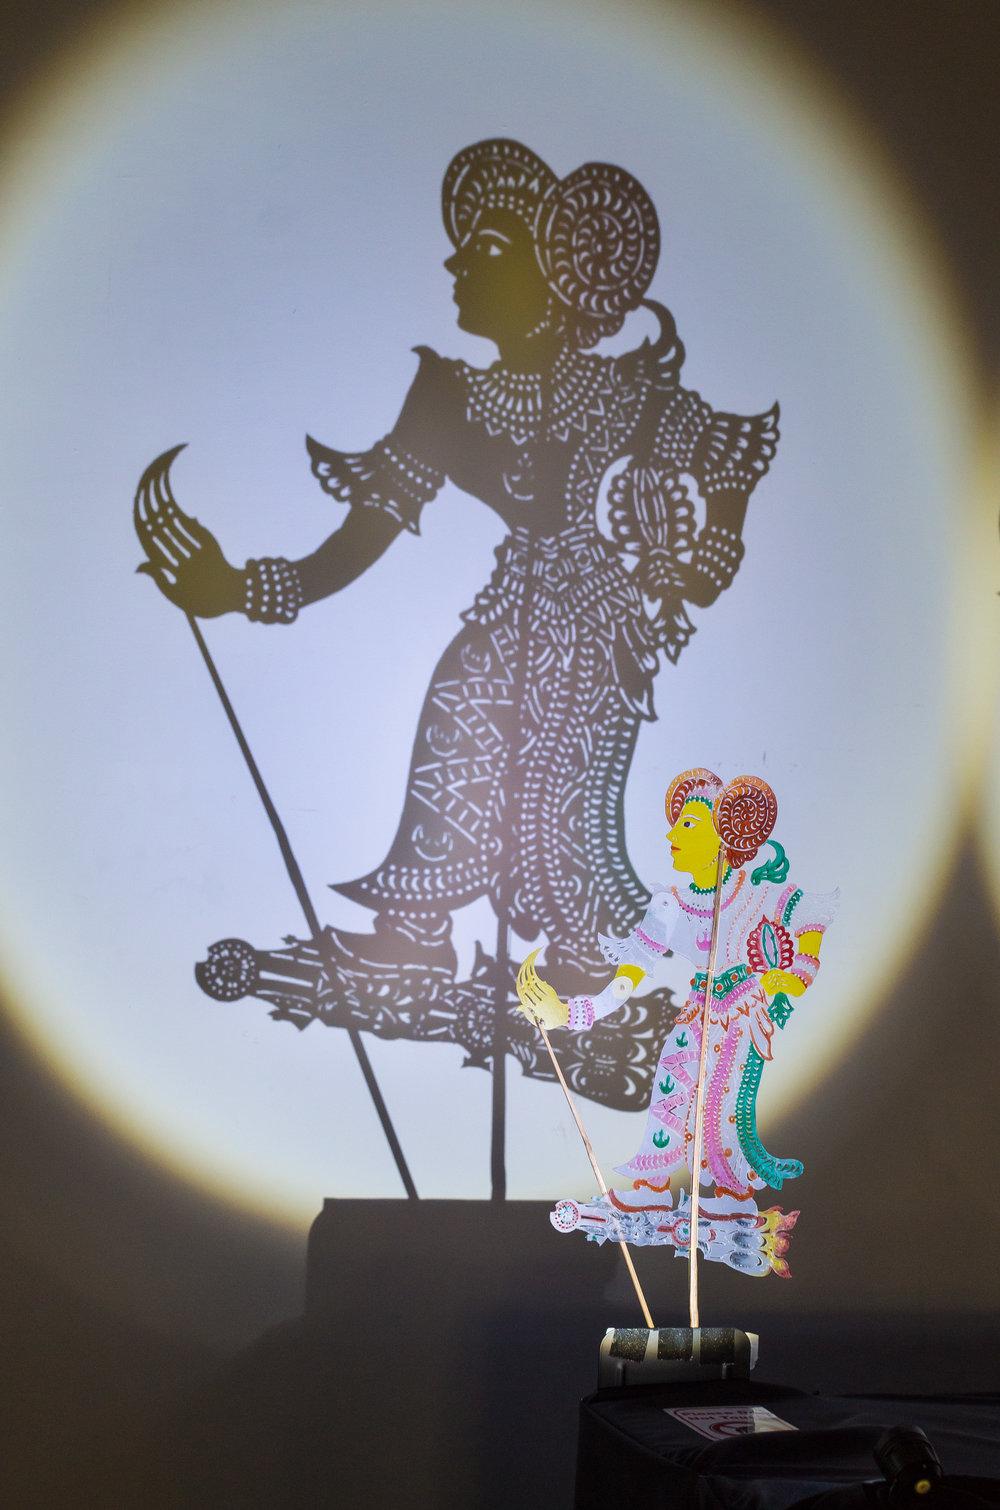 Wayang kulit puppet of Princess Leia. (Photo by Teh Take Huat.)